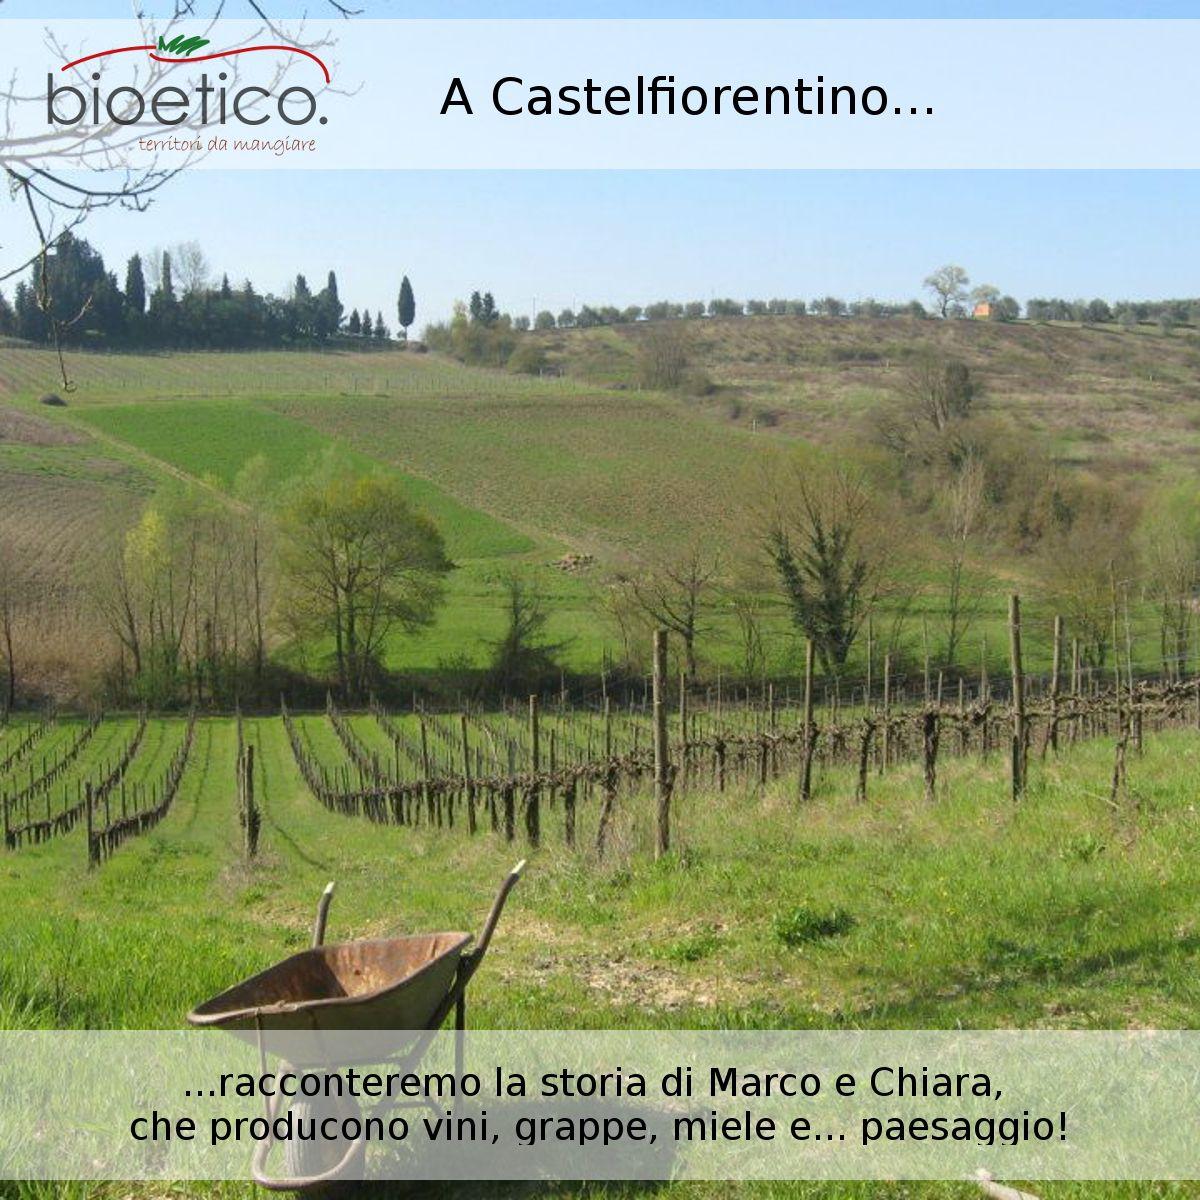 Marco e Chiara, a #Castelfiorentino producono #vino, #olio, #grappa, #miele e... #paesaggio! #bioeticonet racconterà le passioni di tanti #agricoltori, imprenditori che producono #cibo e tutelano #paesaggio e #territorio.